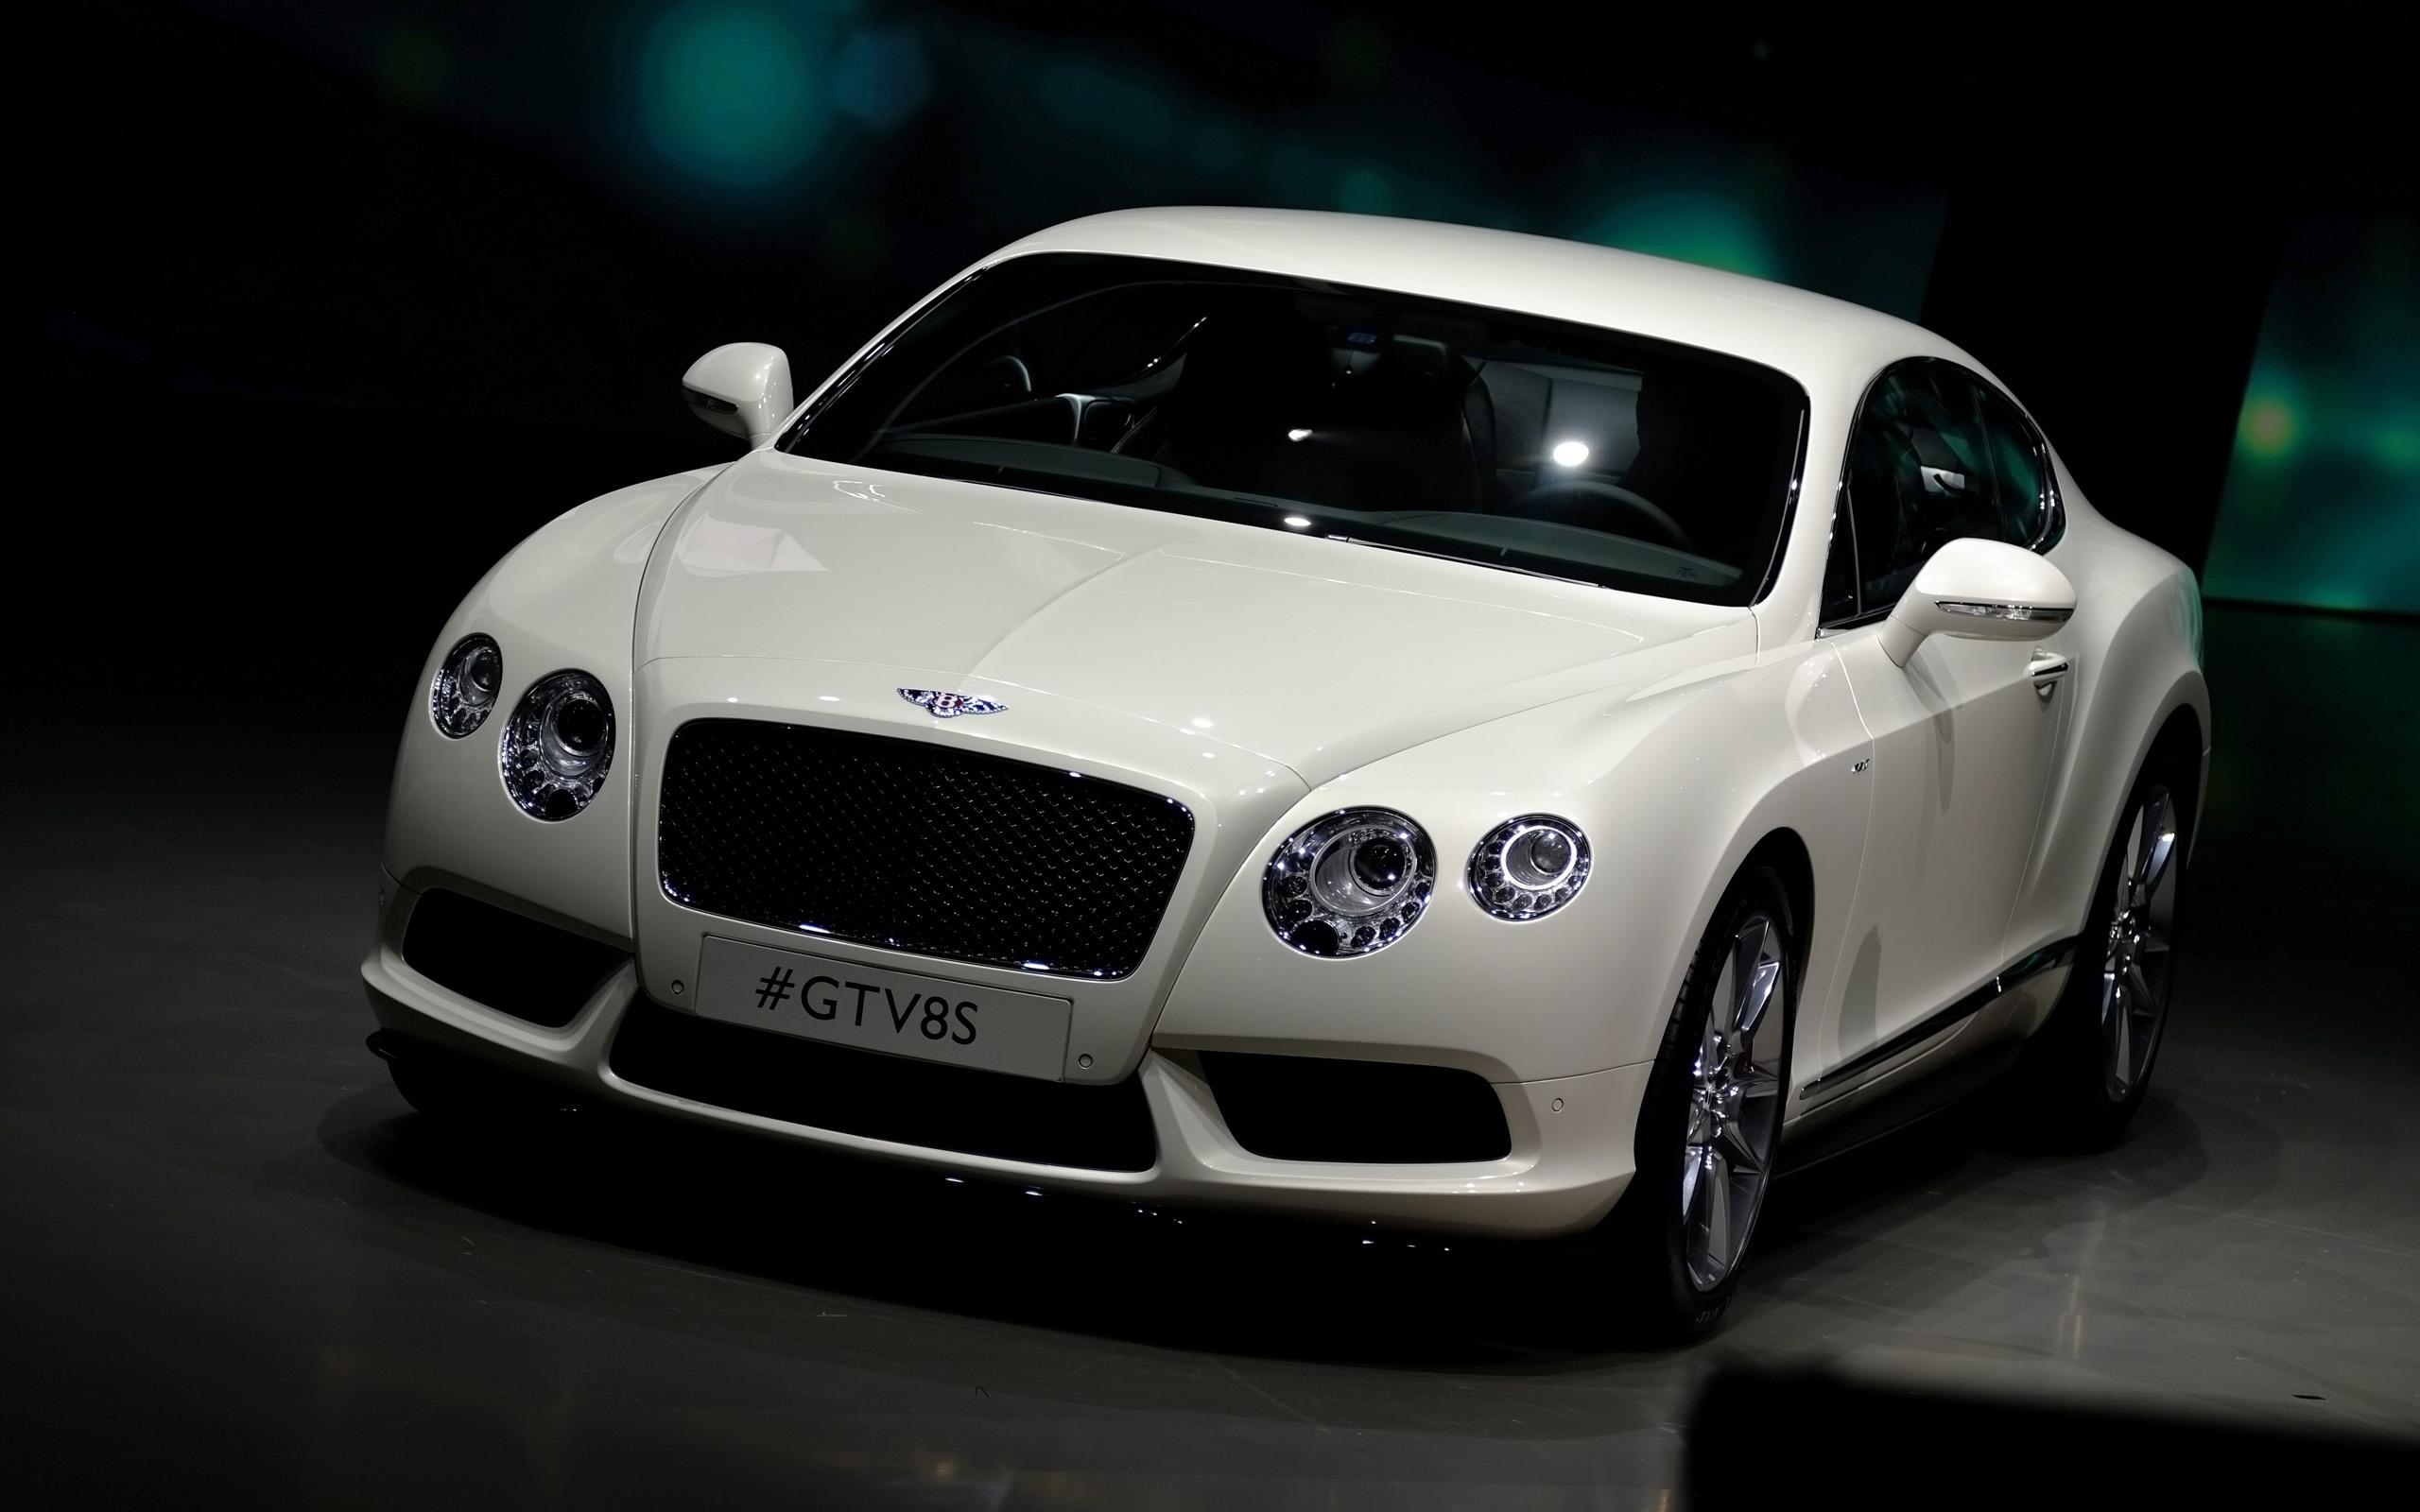 bentley-continental-v-s-at-iaa-frankfurt-motor-show-Bentley-Continental-V-wallpaper-wp3601039